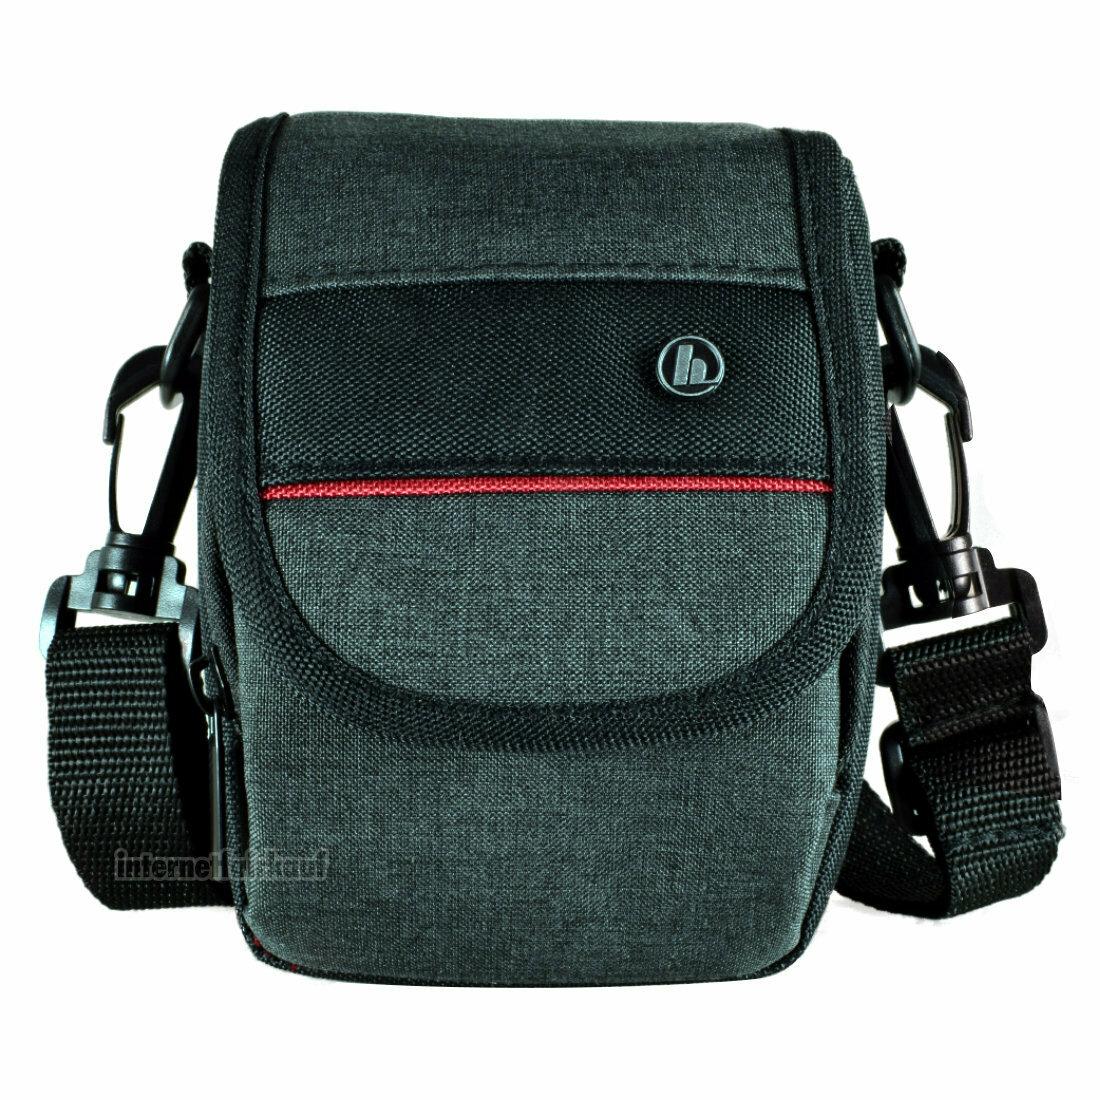 Kameratasche Hama passend für Nikon Coolpix P7100 P7000 Fototasche